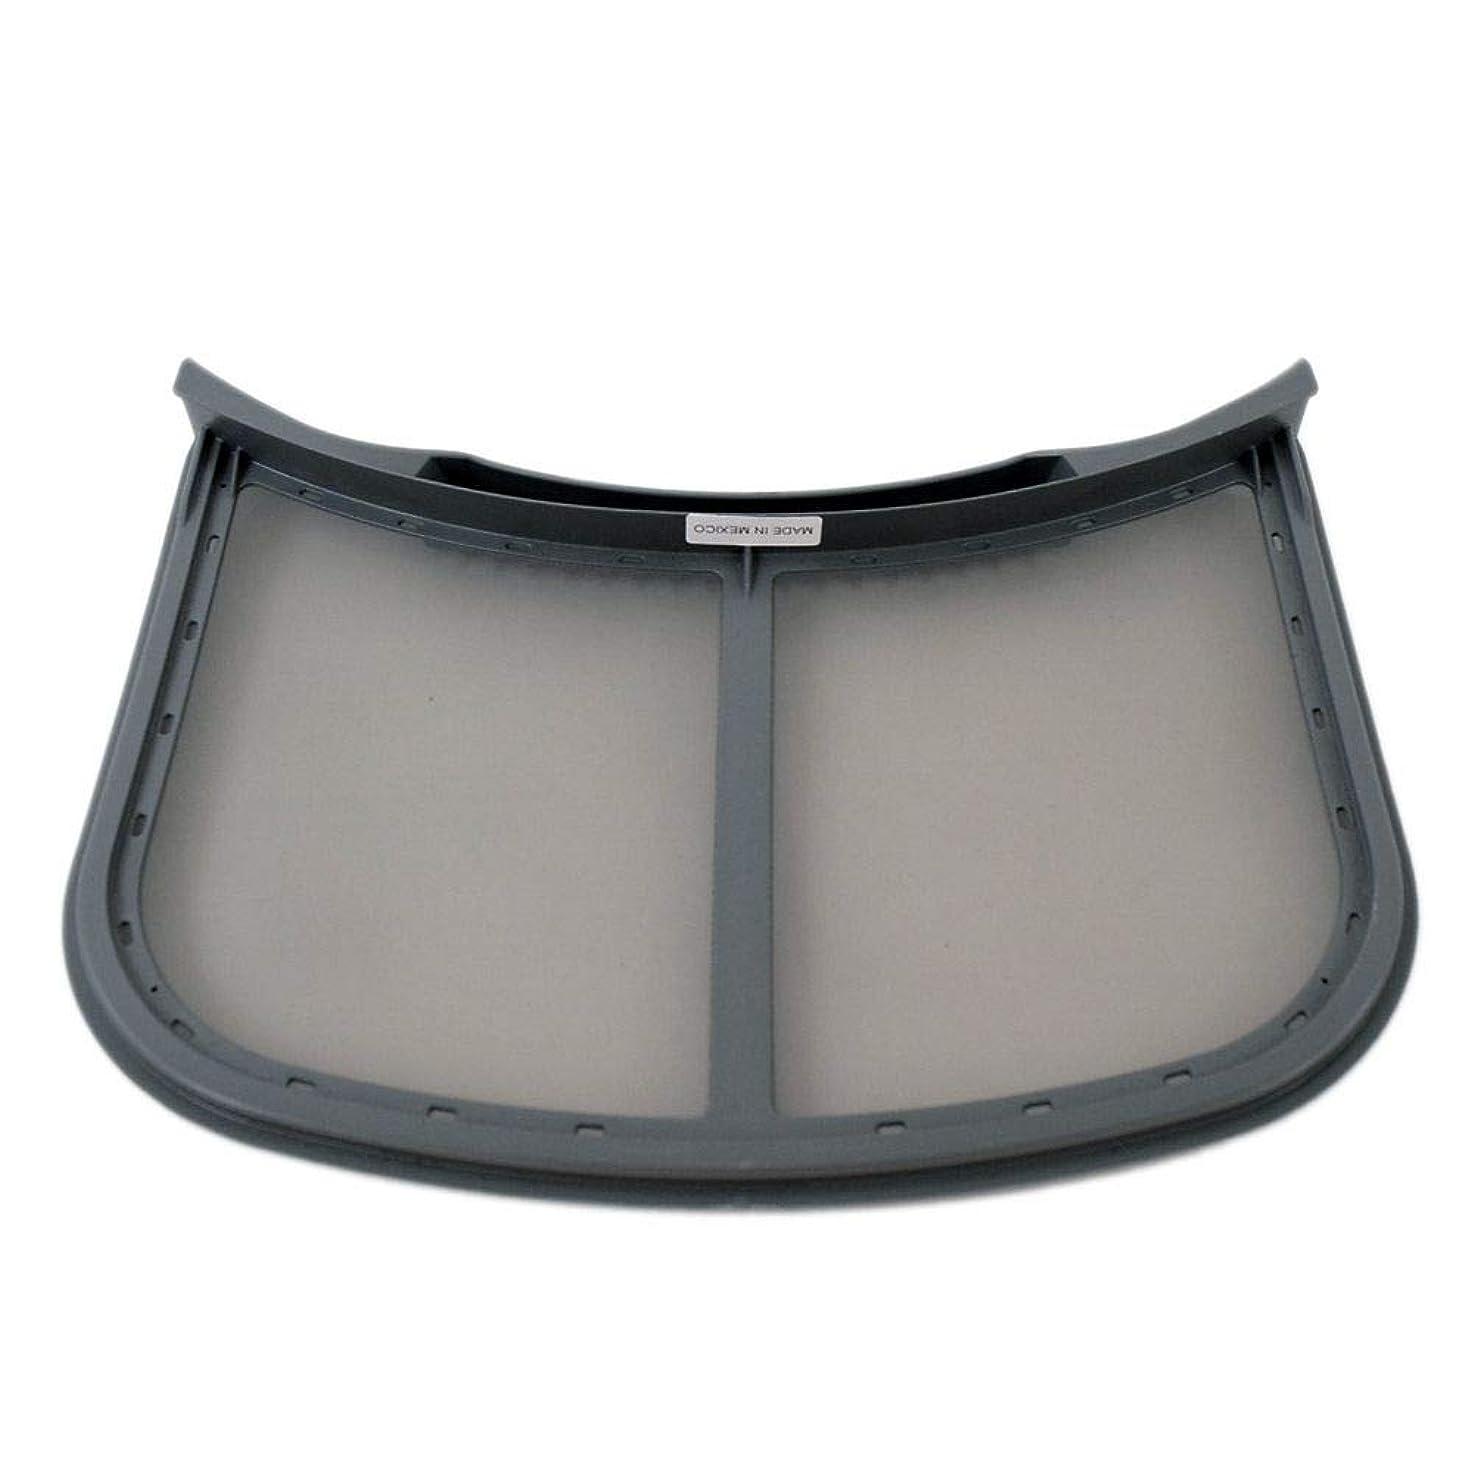 Frigidaire 5304511512 Lint Filter